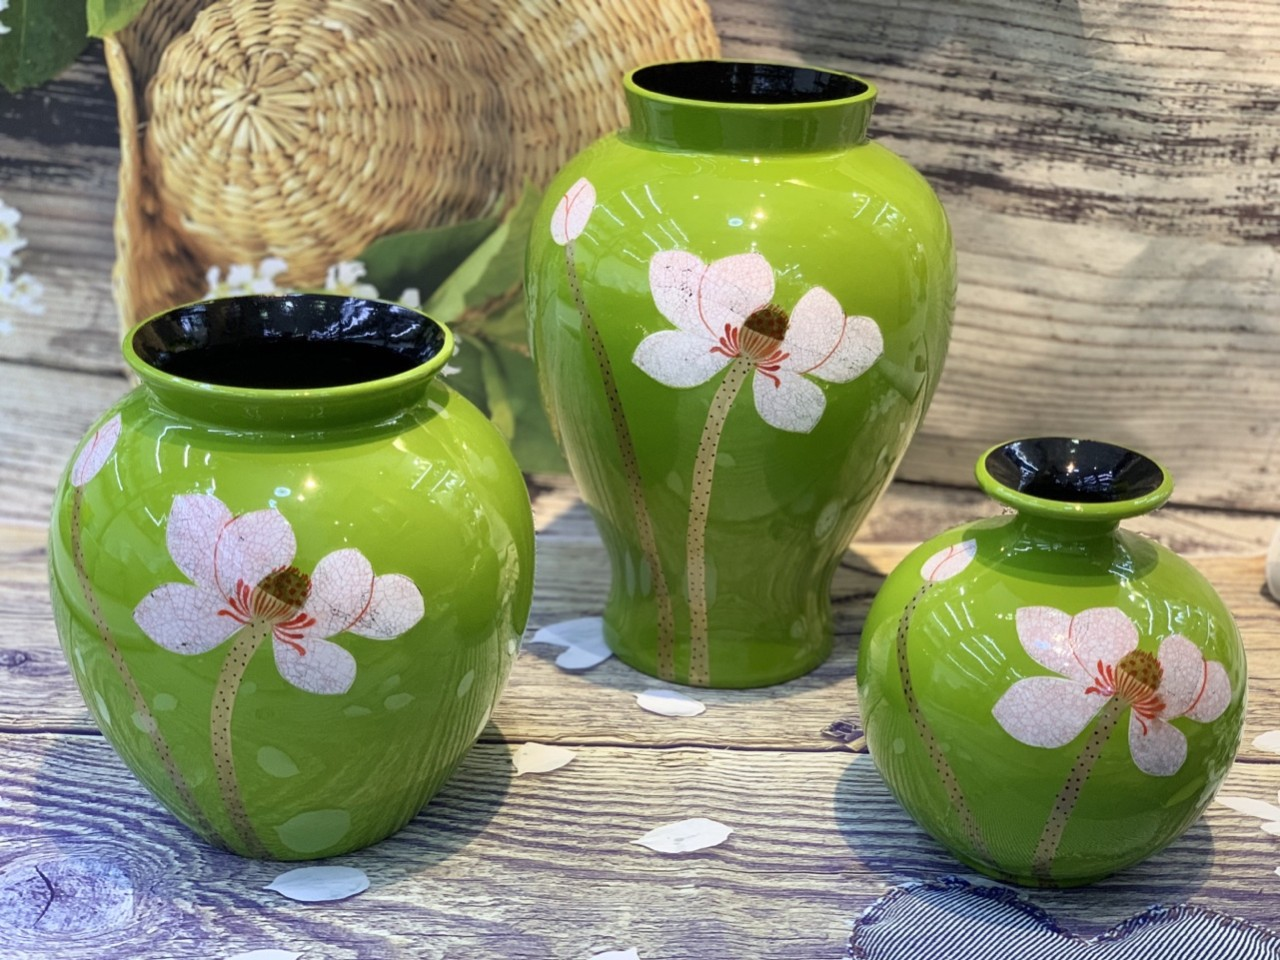 [Quà tặng ] Lọ hoa sứ sơn mài đẹp Bát Tràng cao cấp mua ở đâu tại tphcm ?